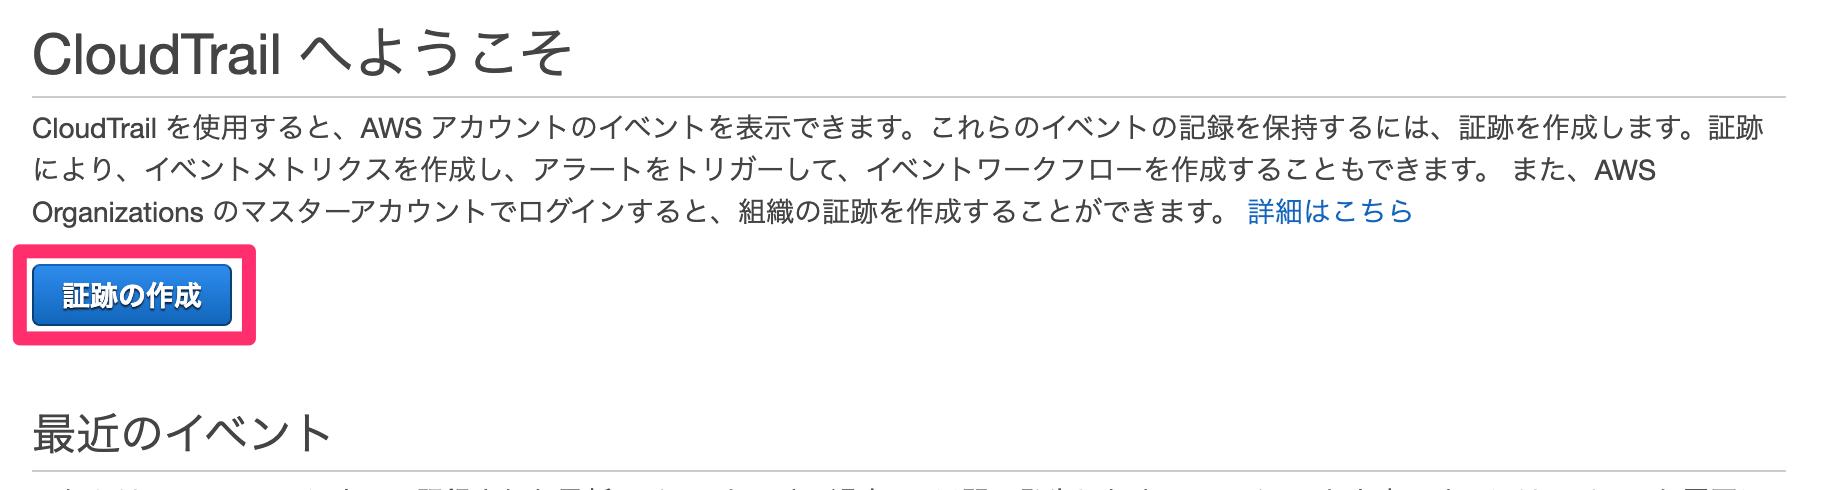 スクリーンショット_2020-01-14_17_05_10.png